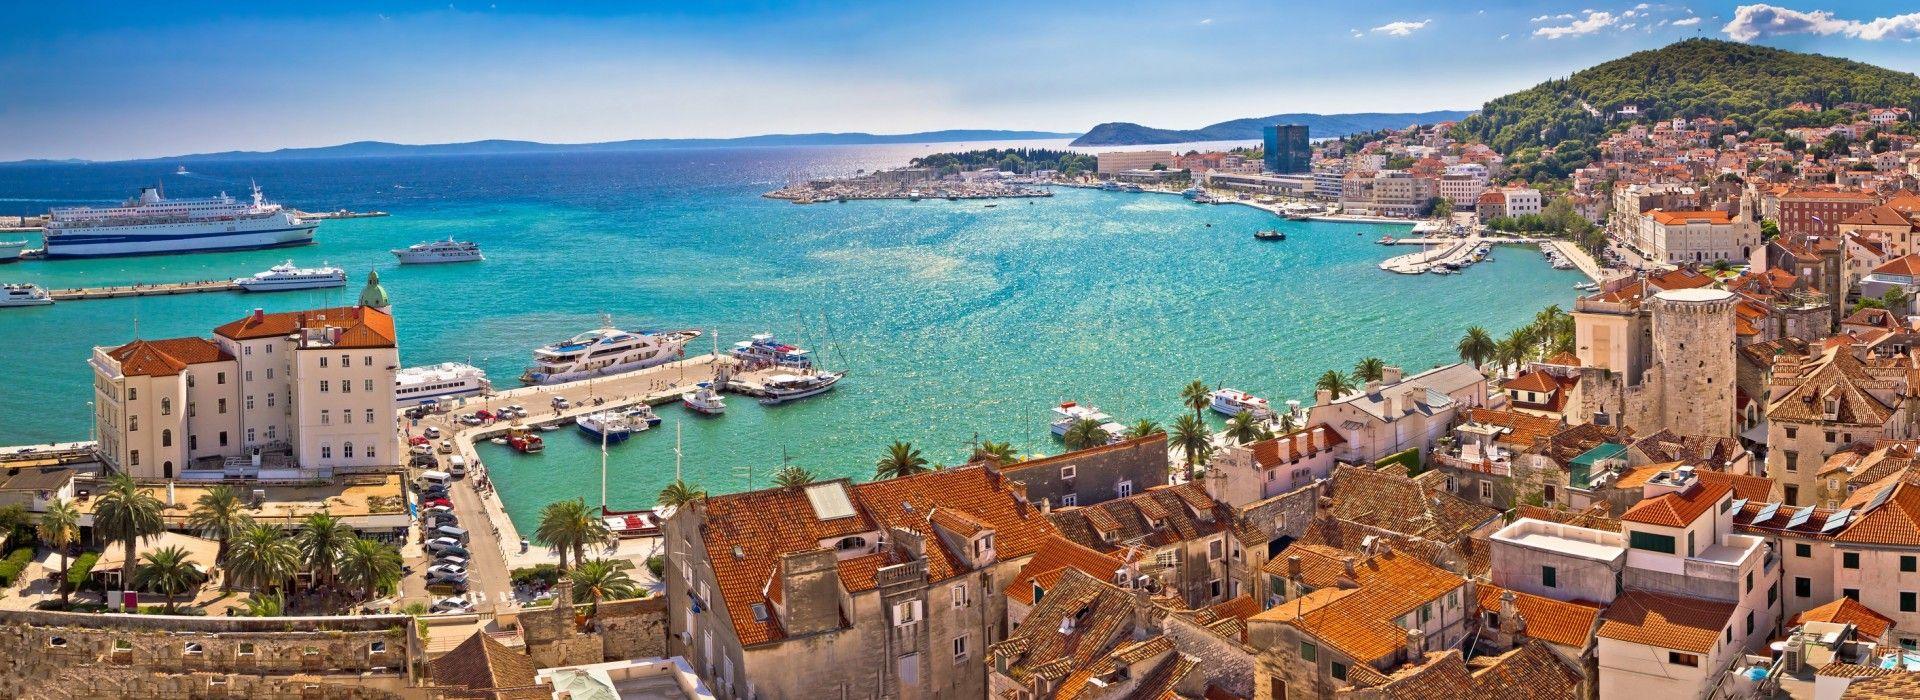 Natural landmarks sightseeing Tours in Balkans